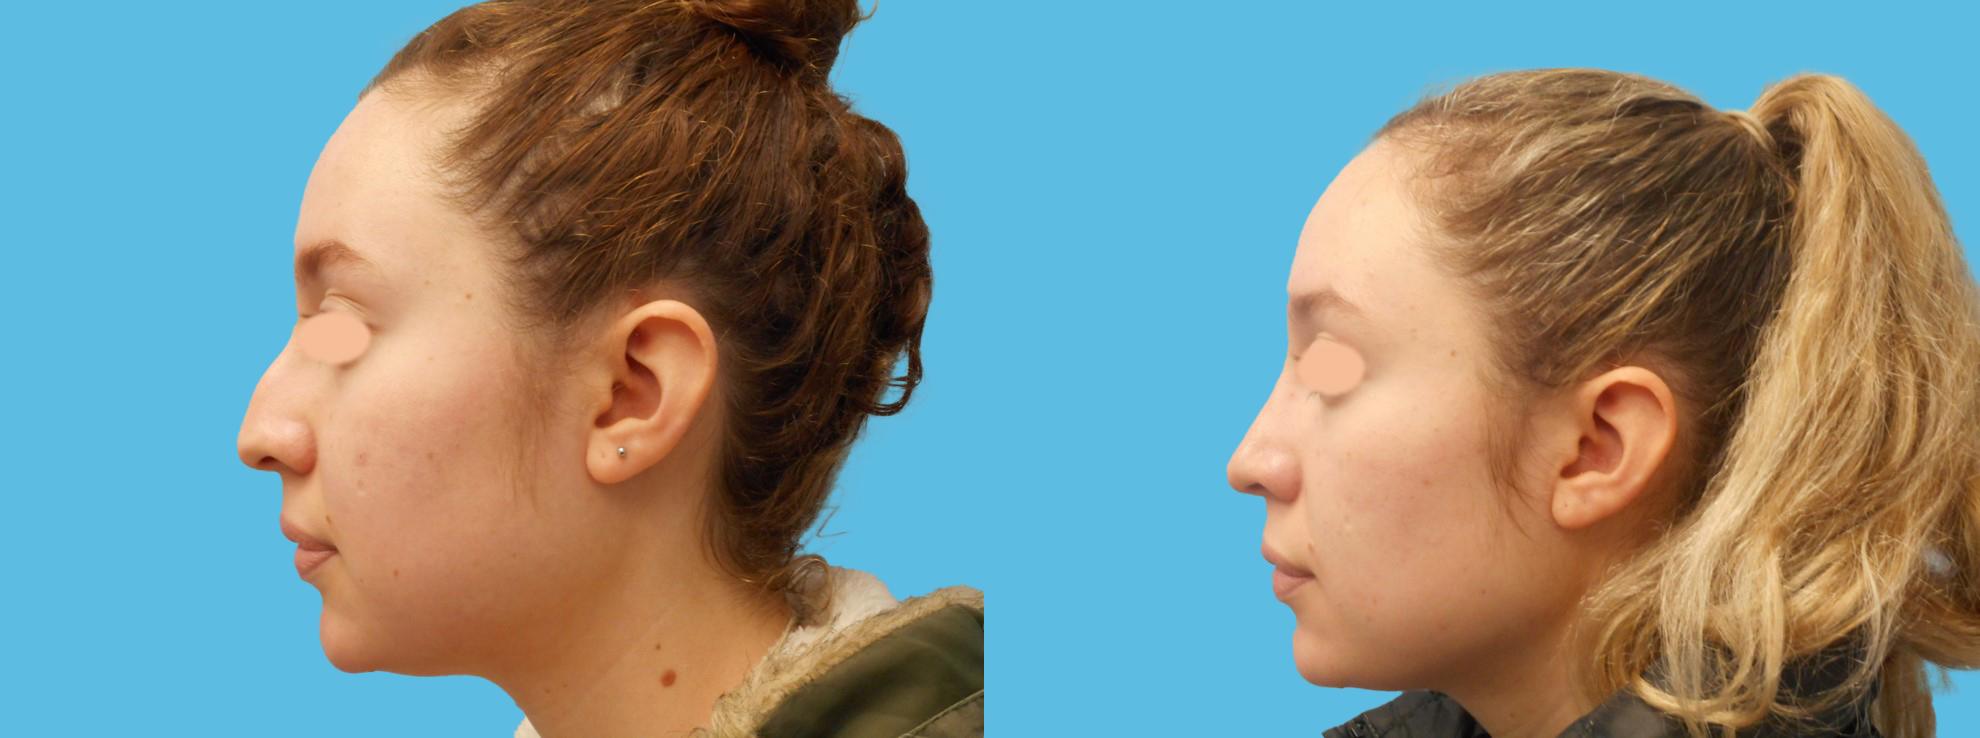 1 year rhinoplasty